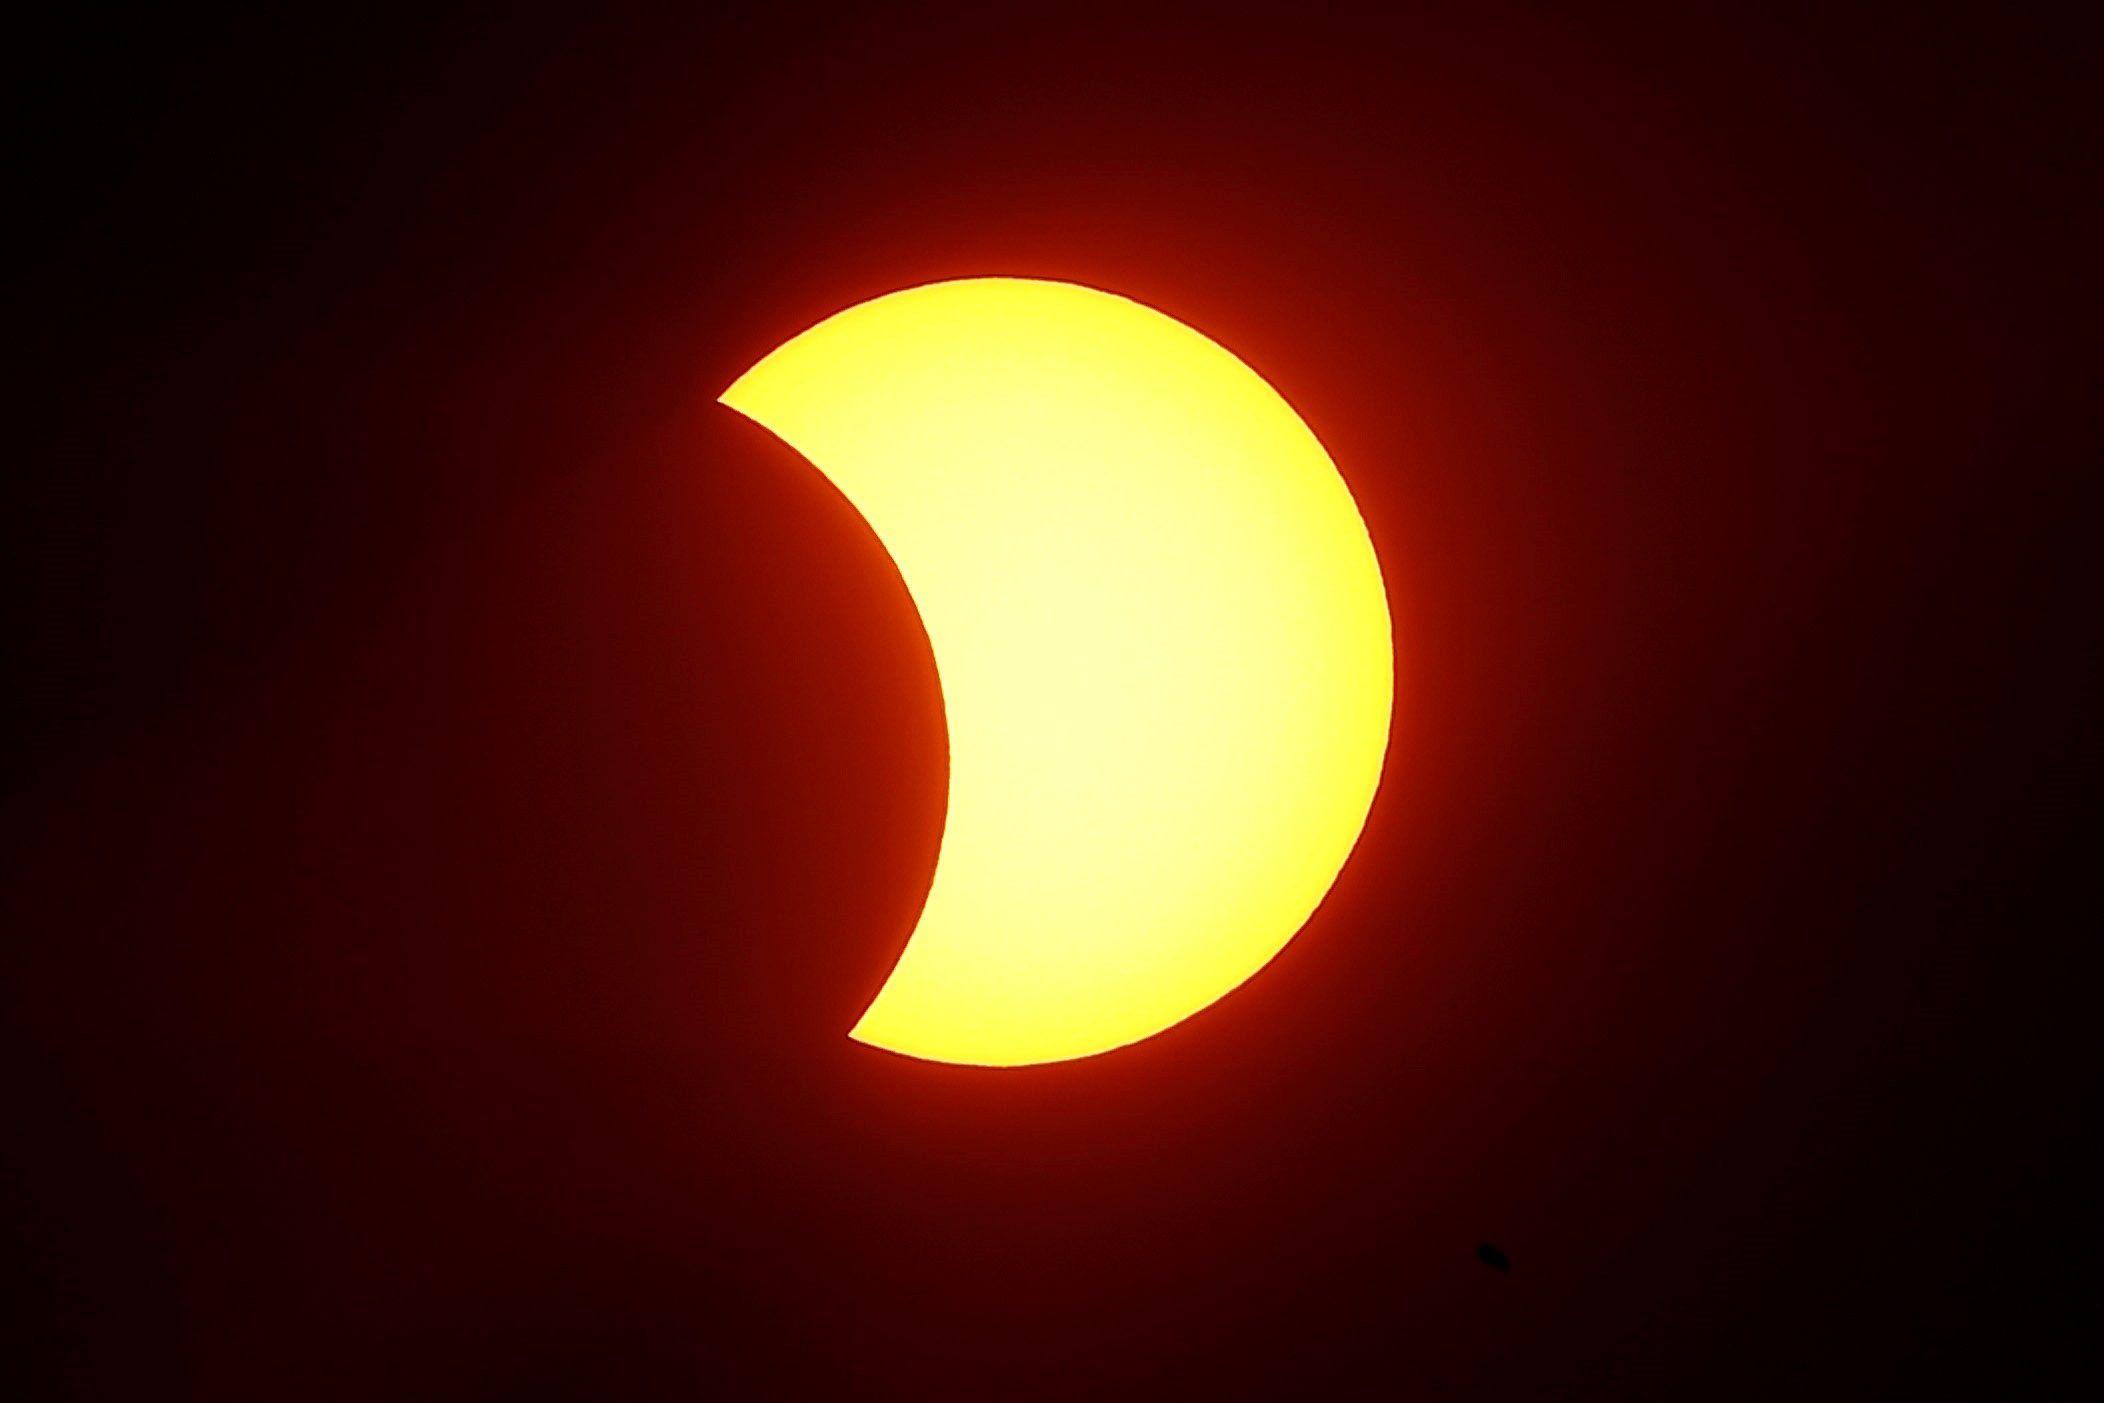 Un eclipse solar se produce cuando la Luna se sitúa entre el Sol y la Tierra, lo que bloquea la luz solar y proyecta la sombra lunar sobre la superficie terrestre. EFE/Sebastiao Moreira/Archivo